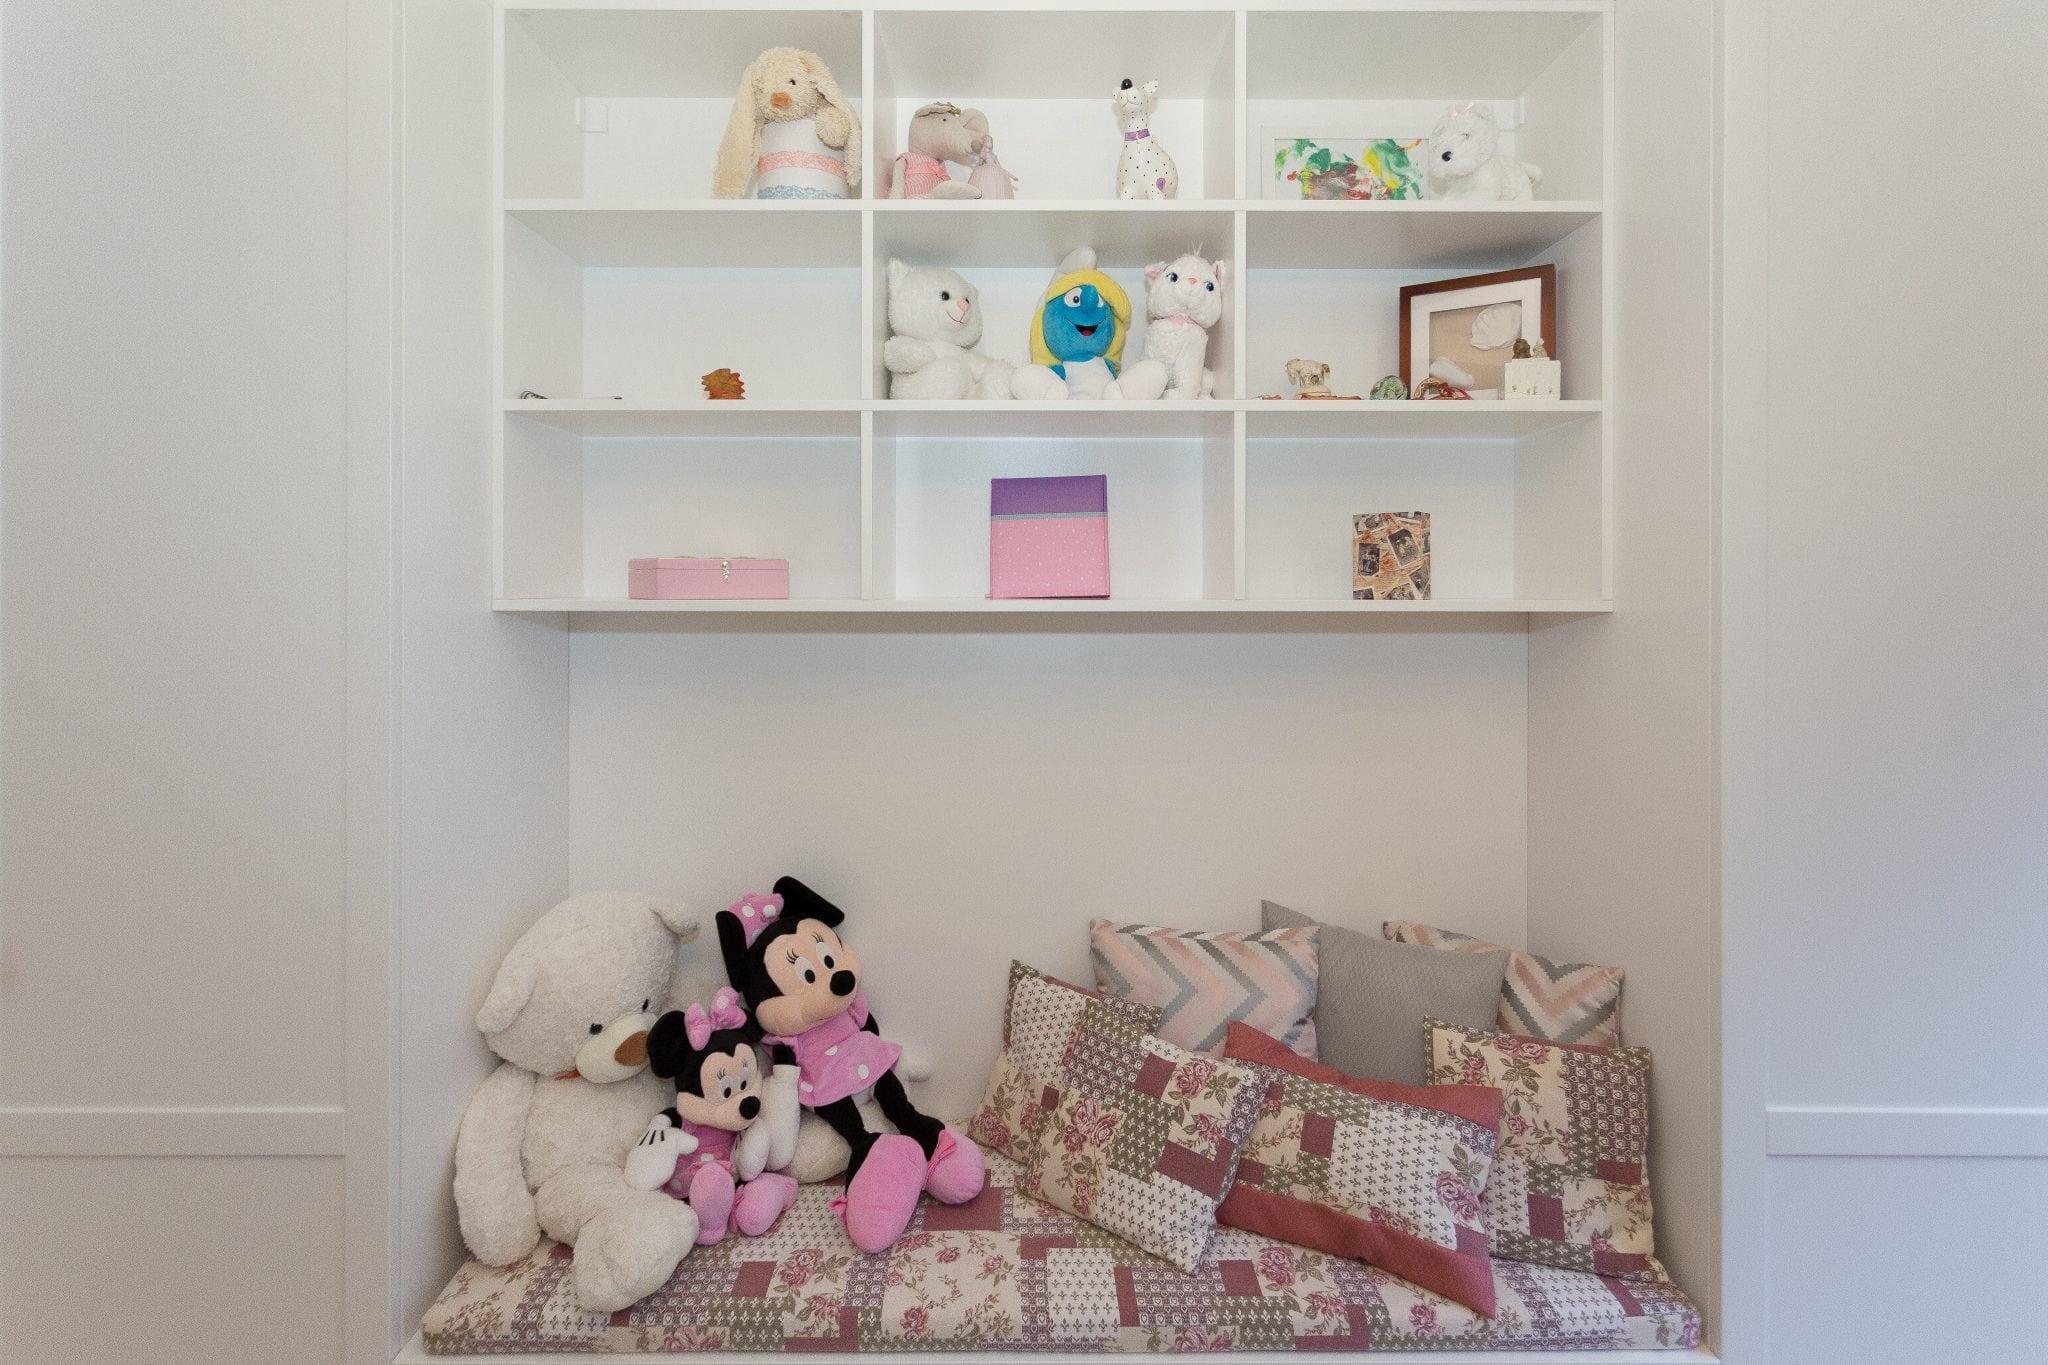 Vaiku kambario baldu gamyba pagal užsakymus